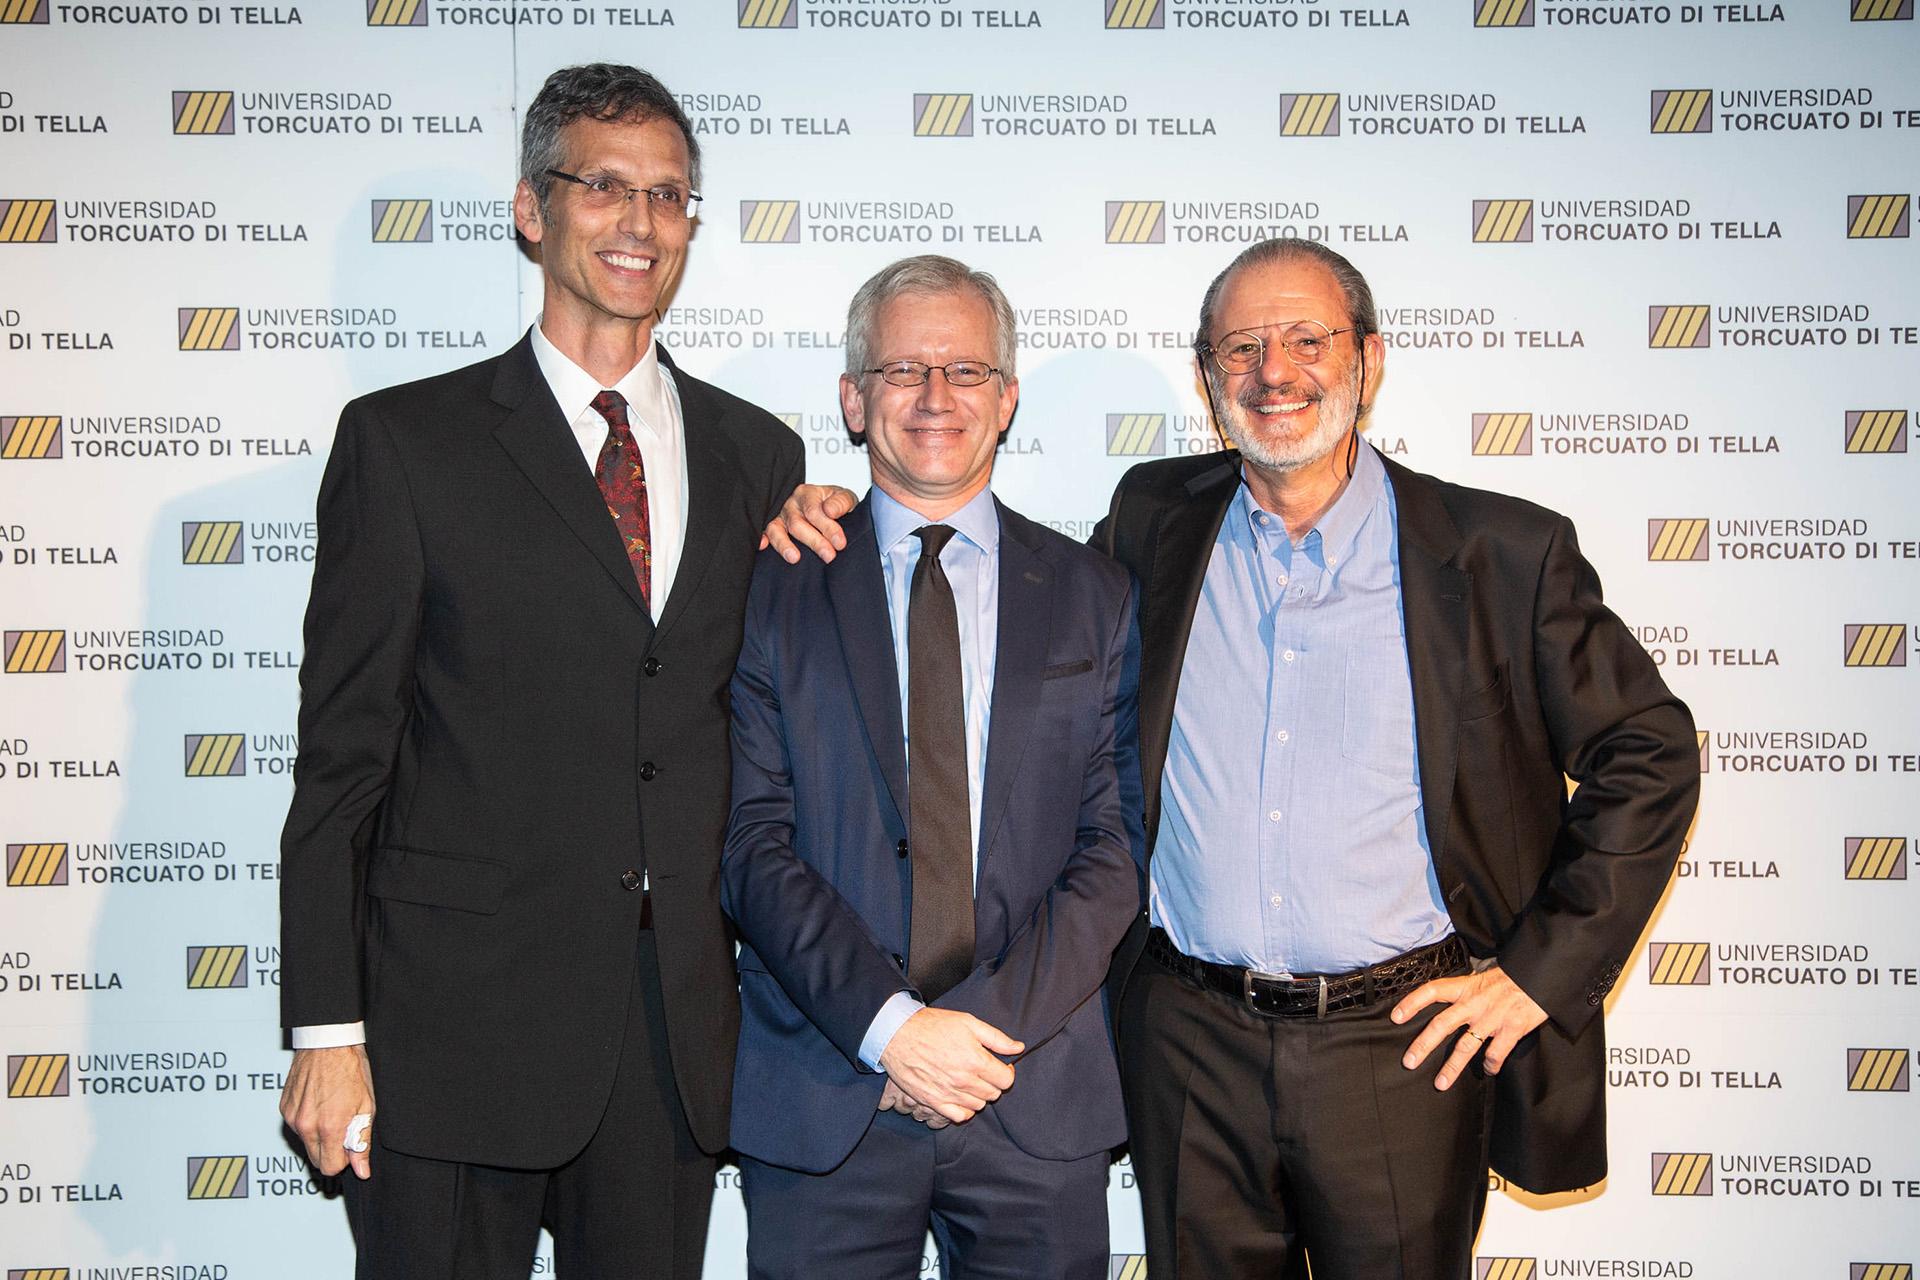 Rafael Di Tella, Ernesto Schargrodsky y Roberto Vivo